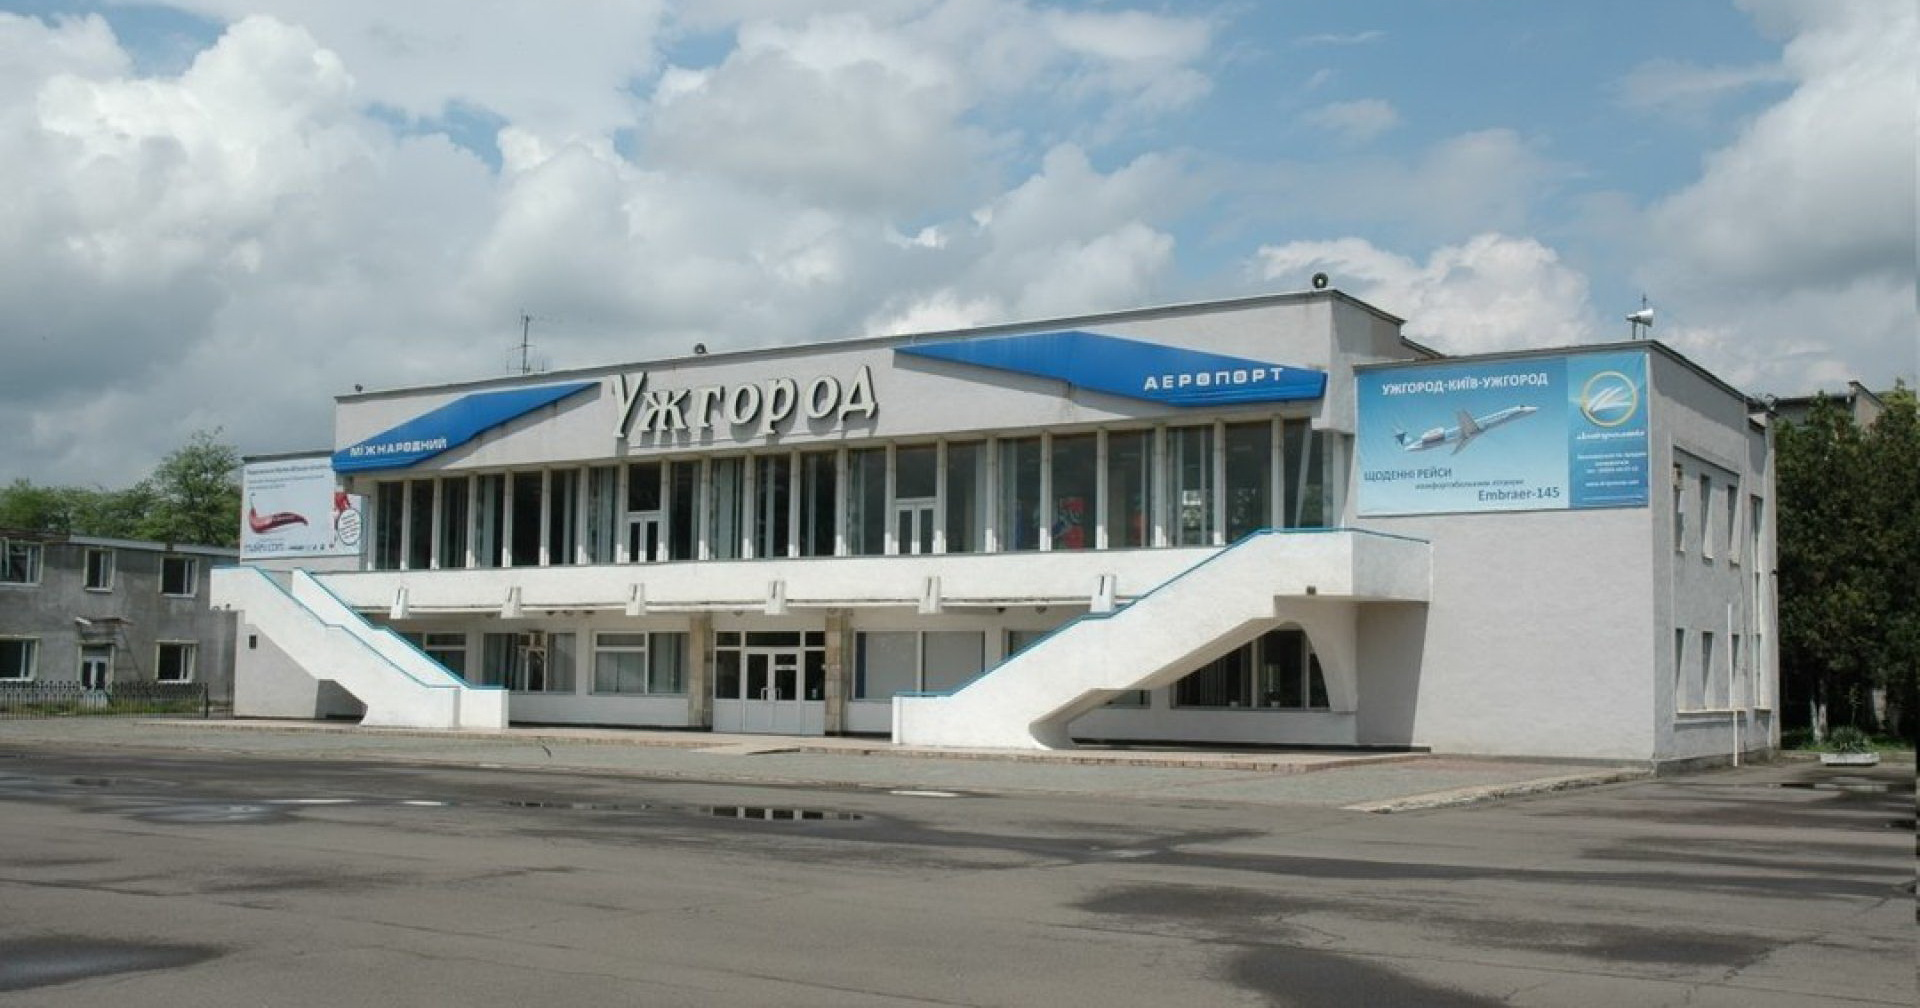 Міністр інфраструктури Володимир Омелян розповів, коли відновиться авіасполучення між Ужгородом та Києвом